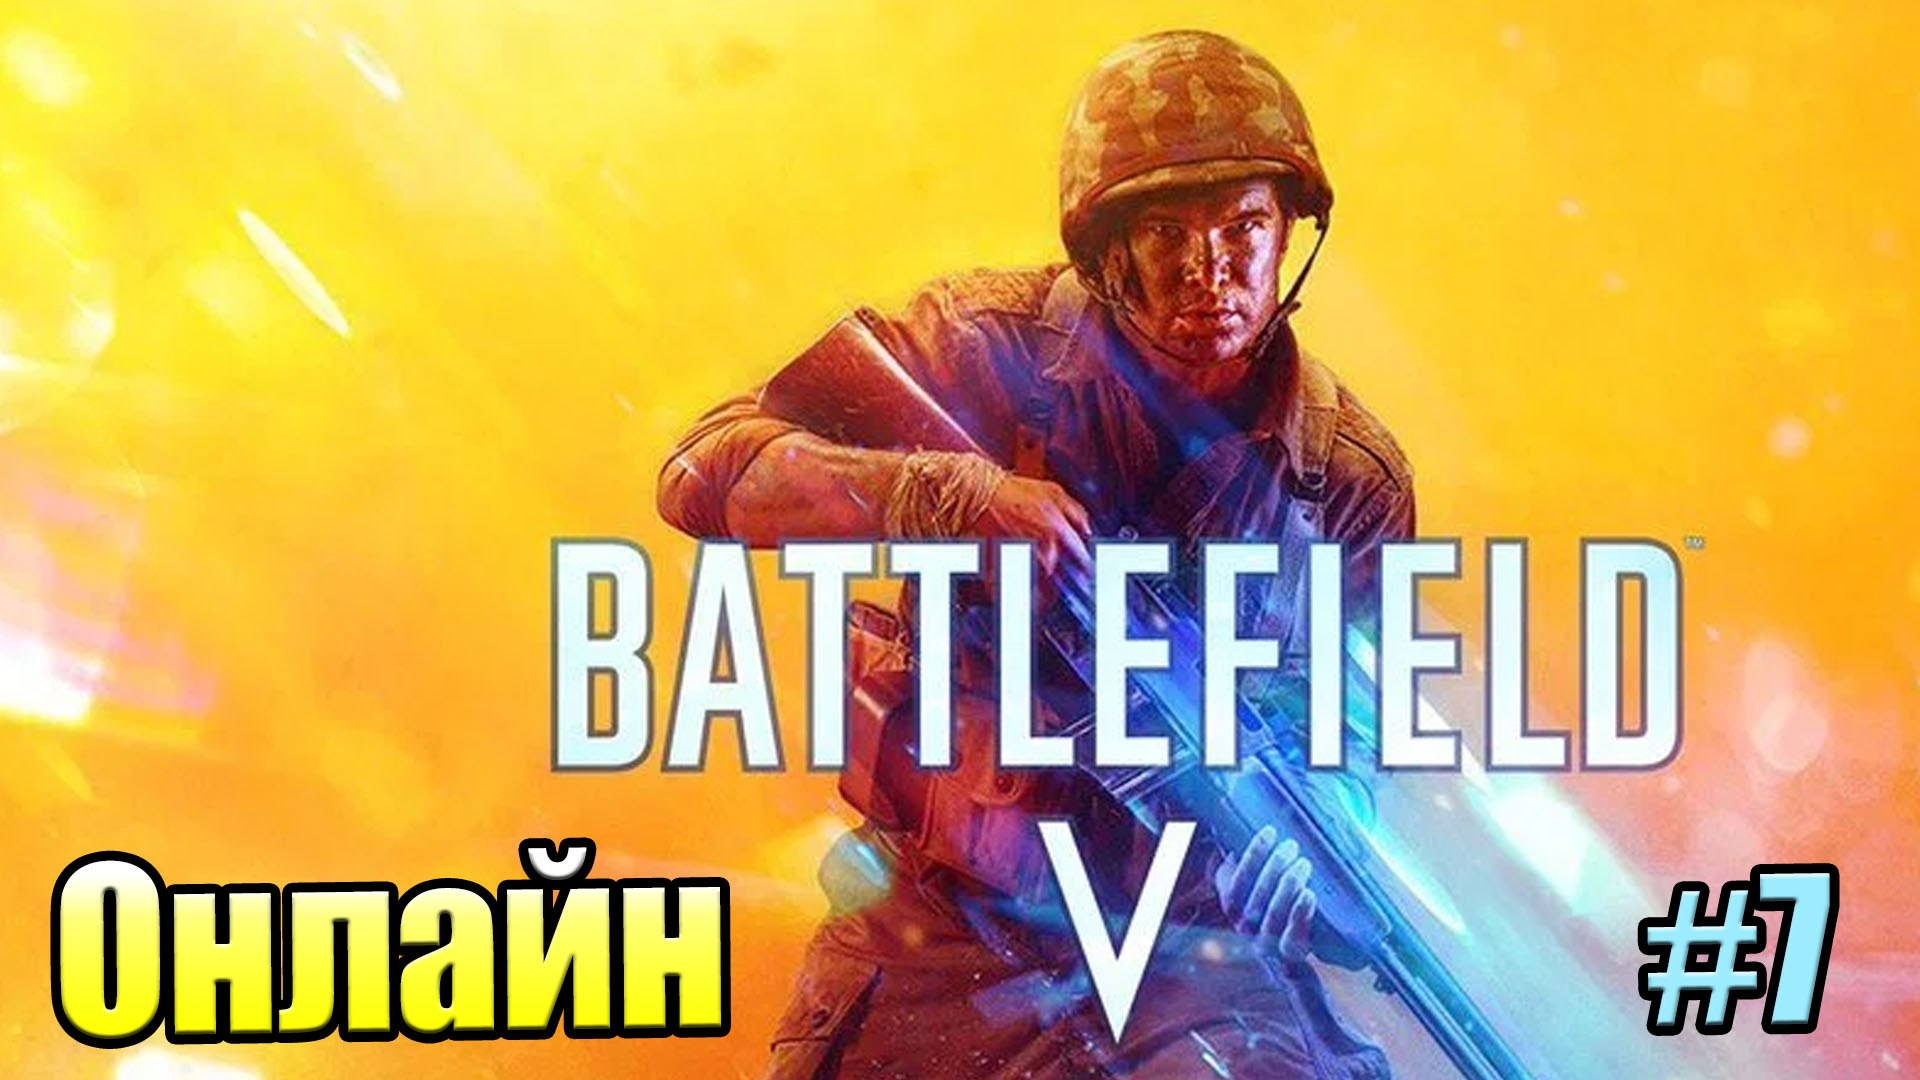 Прохождение Battlefield V #7 — Онлайн как он ЕСТЬ {PC} 1440p